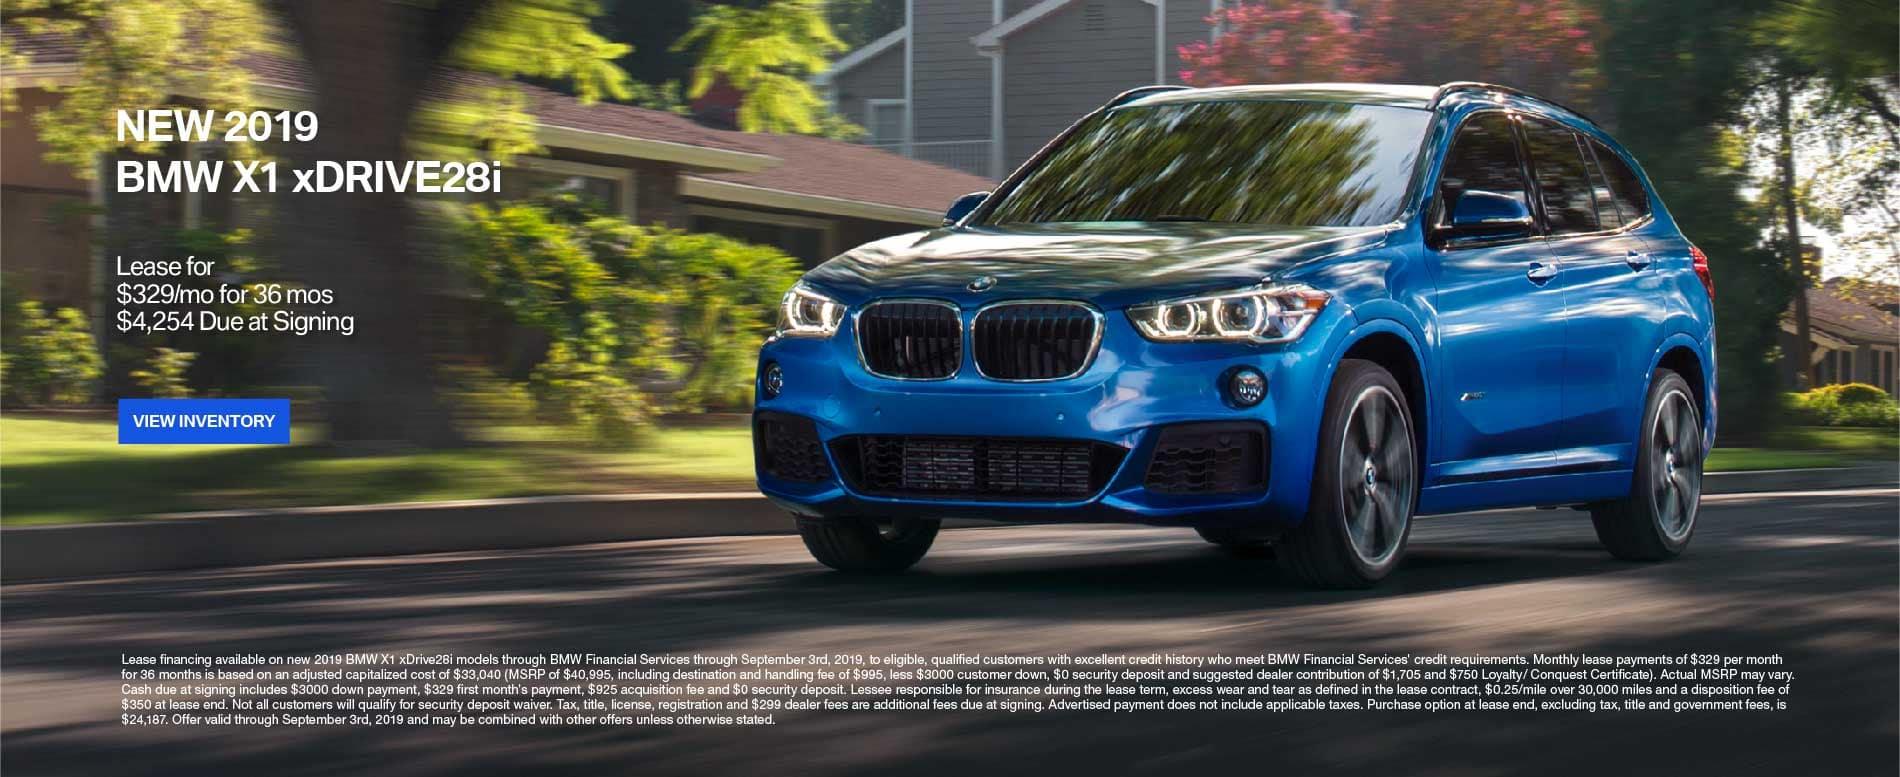 New 2019 BMW X1